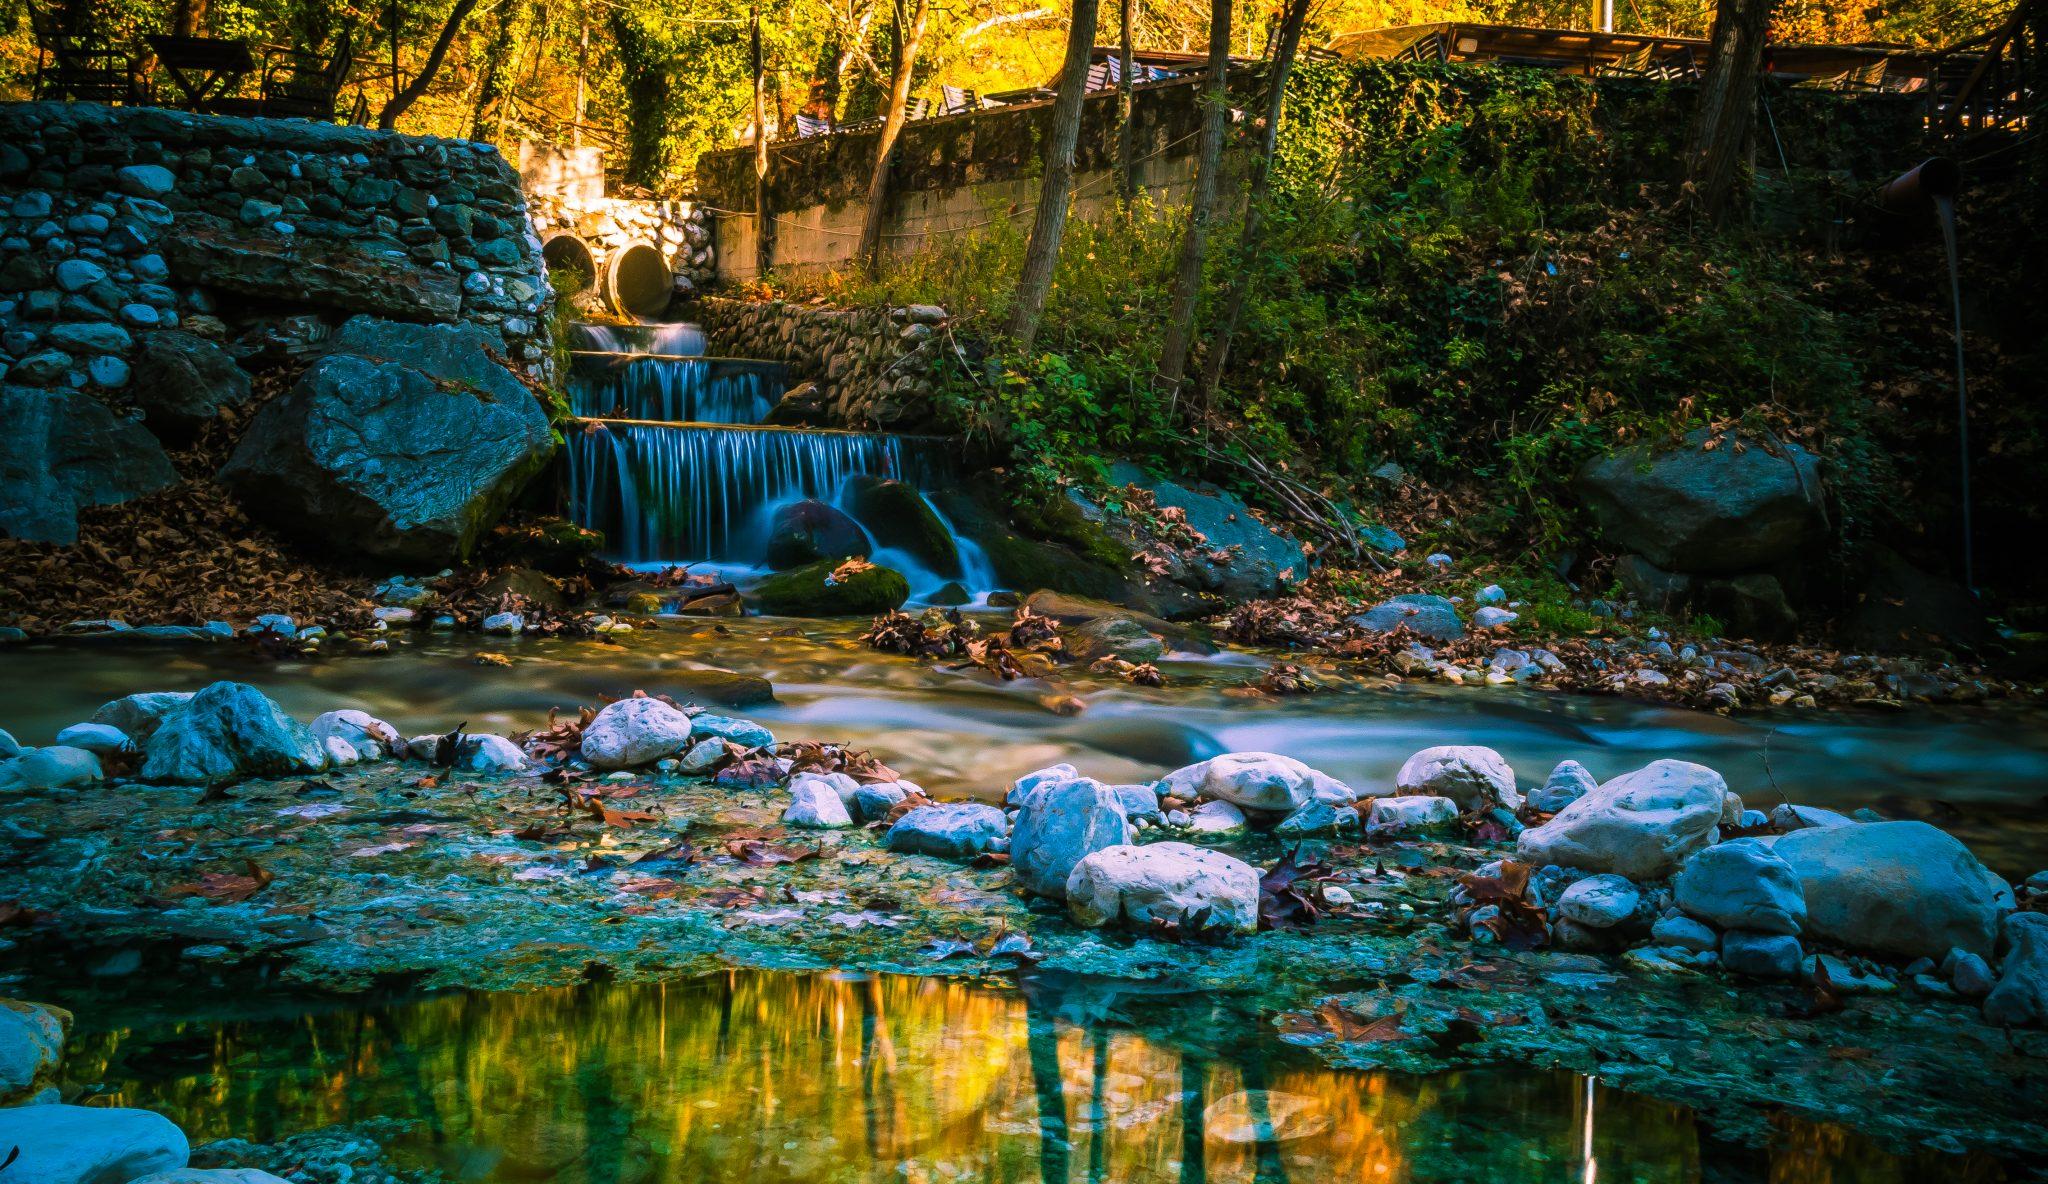 ποταμός λουτρά πόζαρ